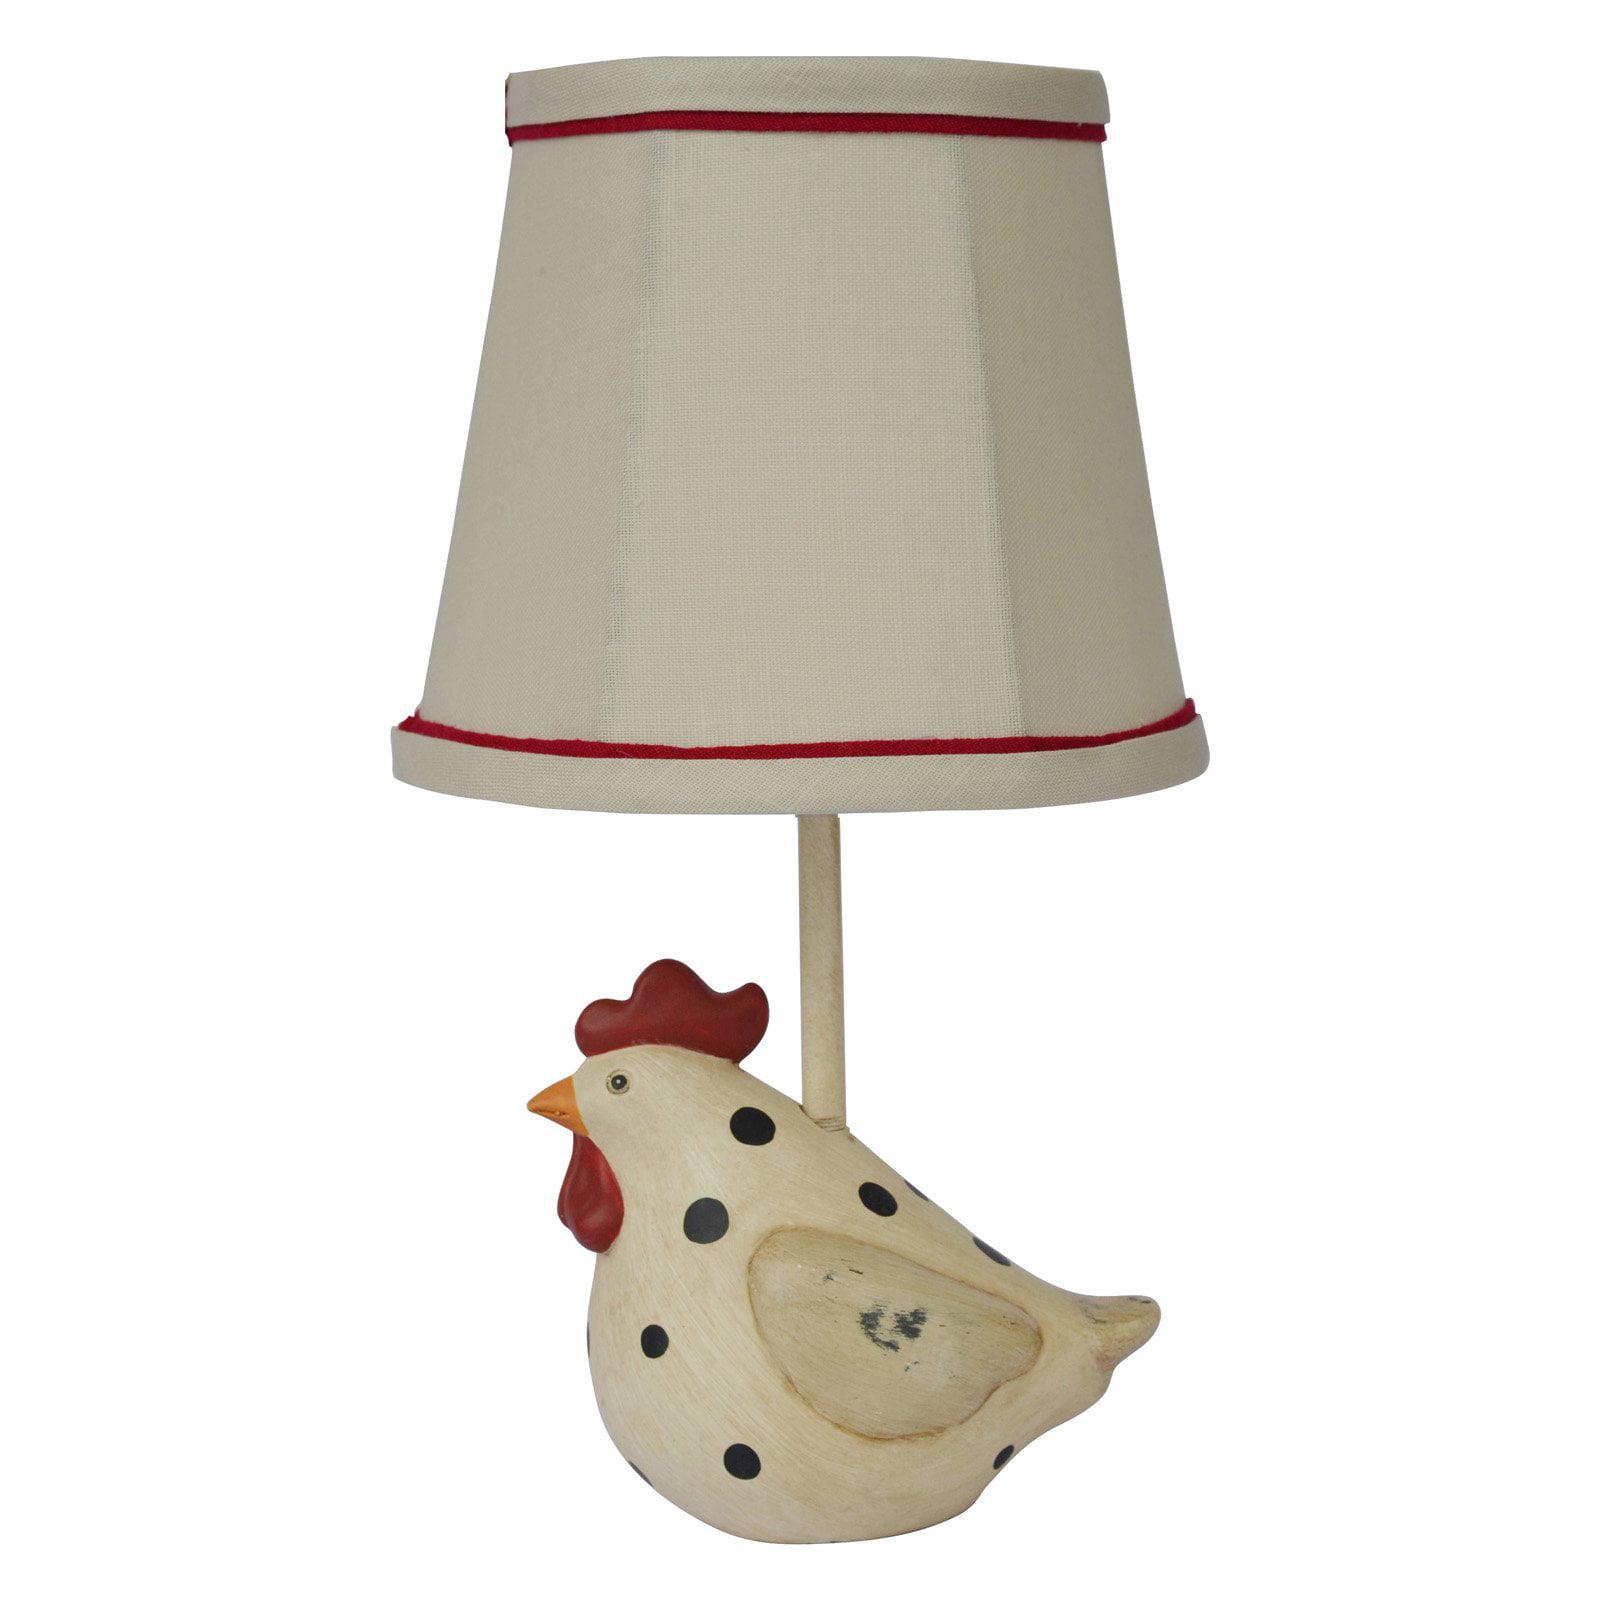 Image of A Homestead Shoppe Big Fat Hen Polka Dot Table Lamp